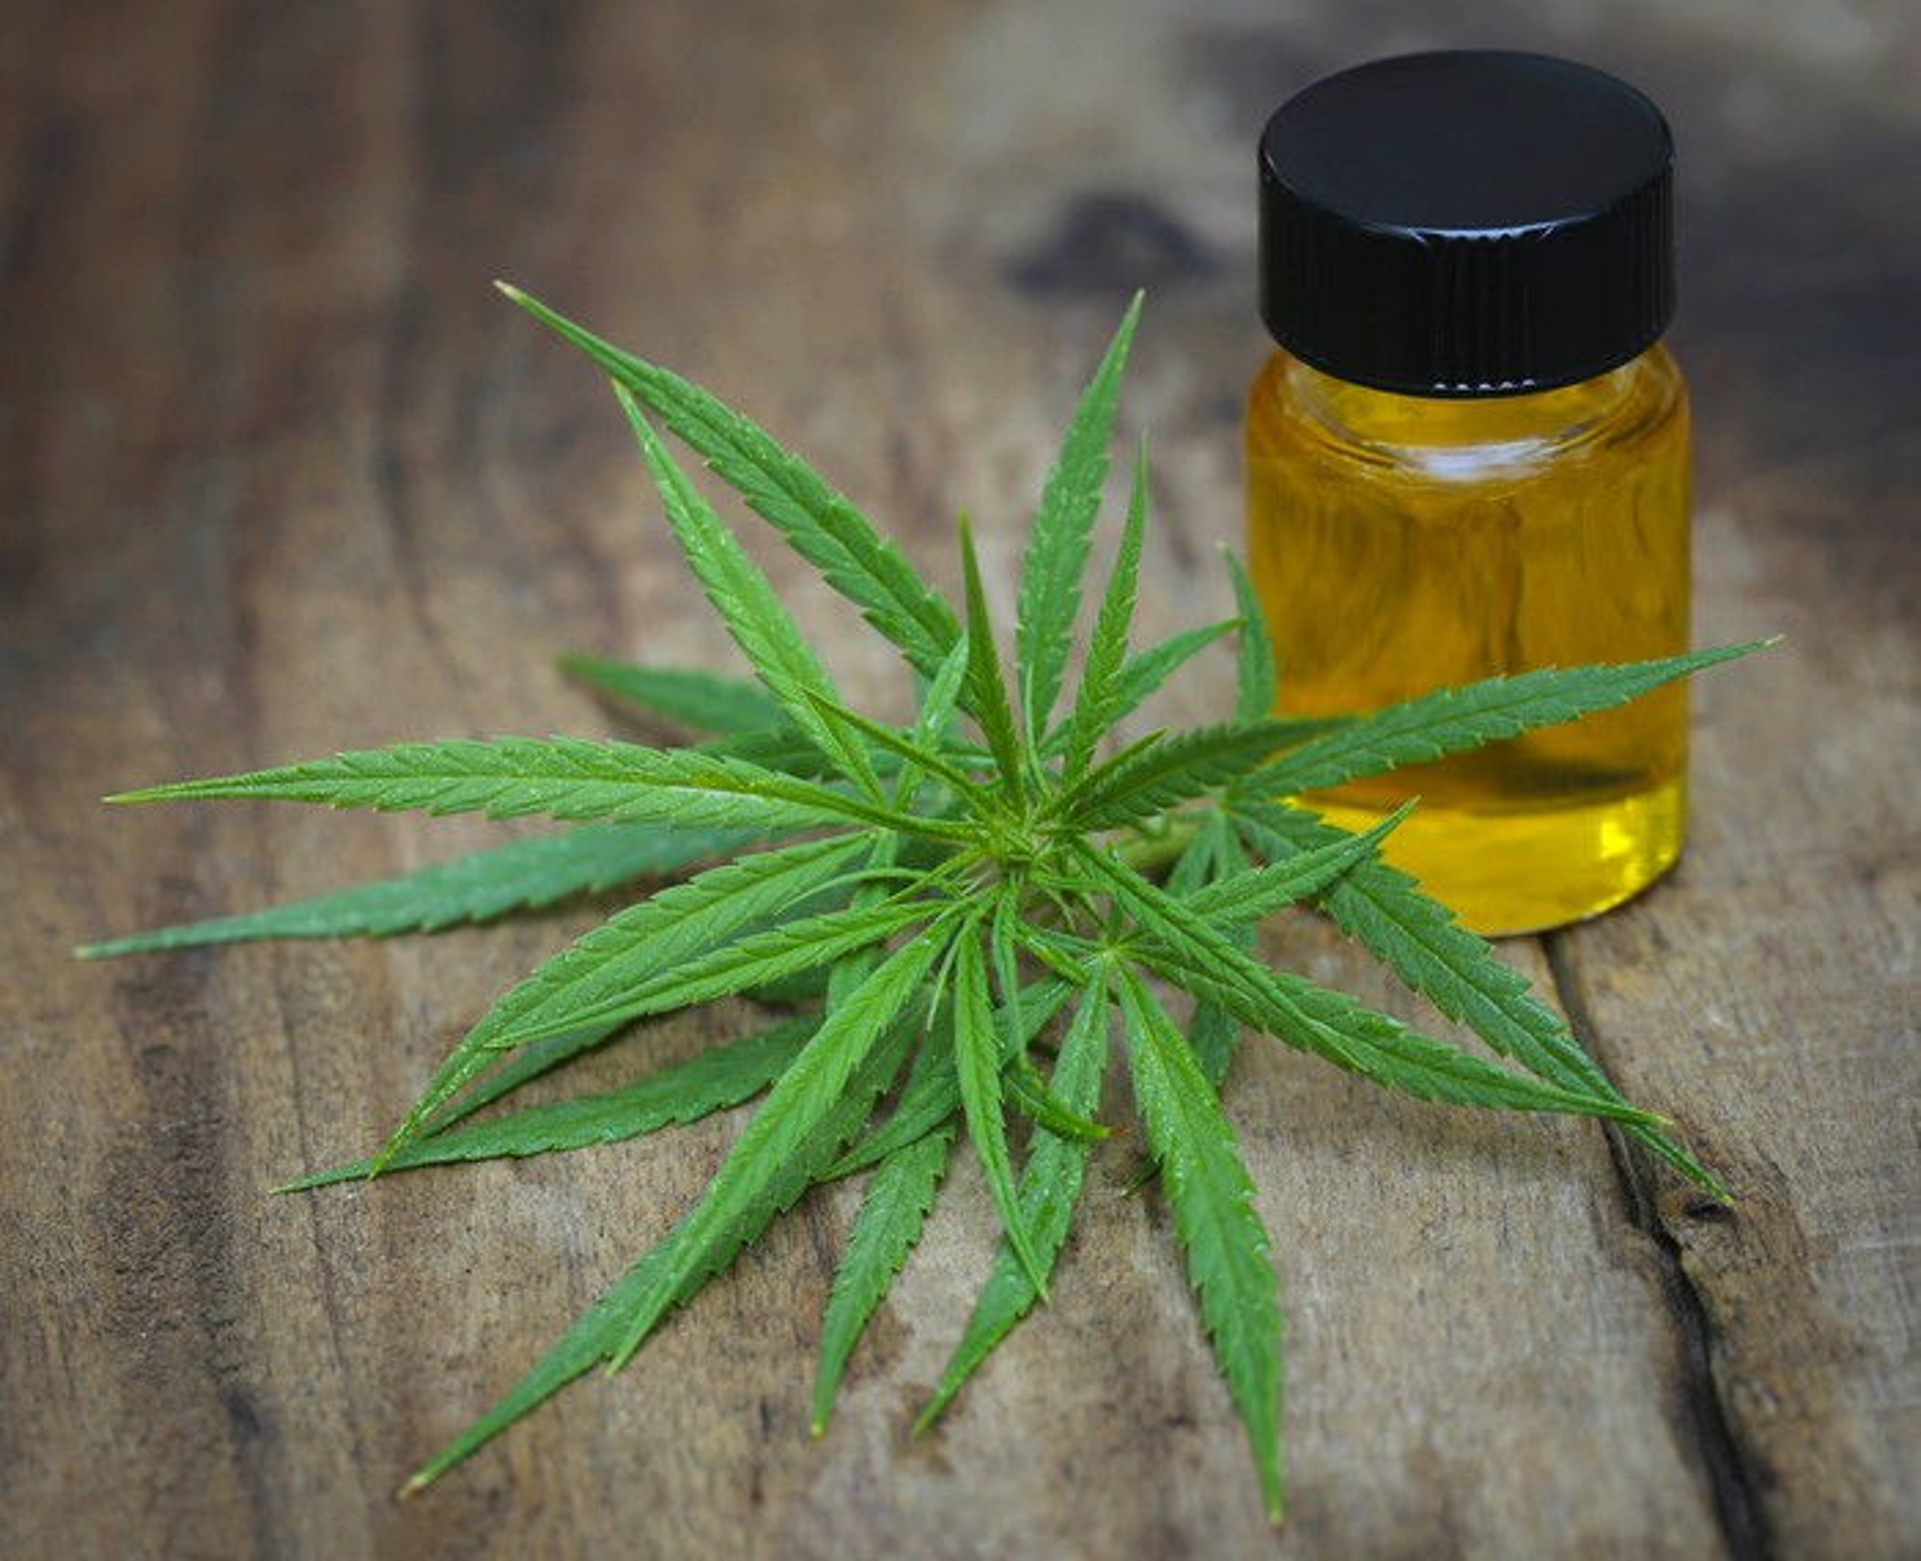 A cannabis leaf next to a vial of cannabis oil.